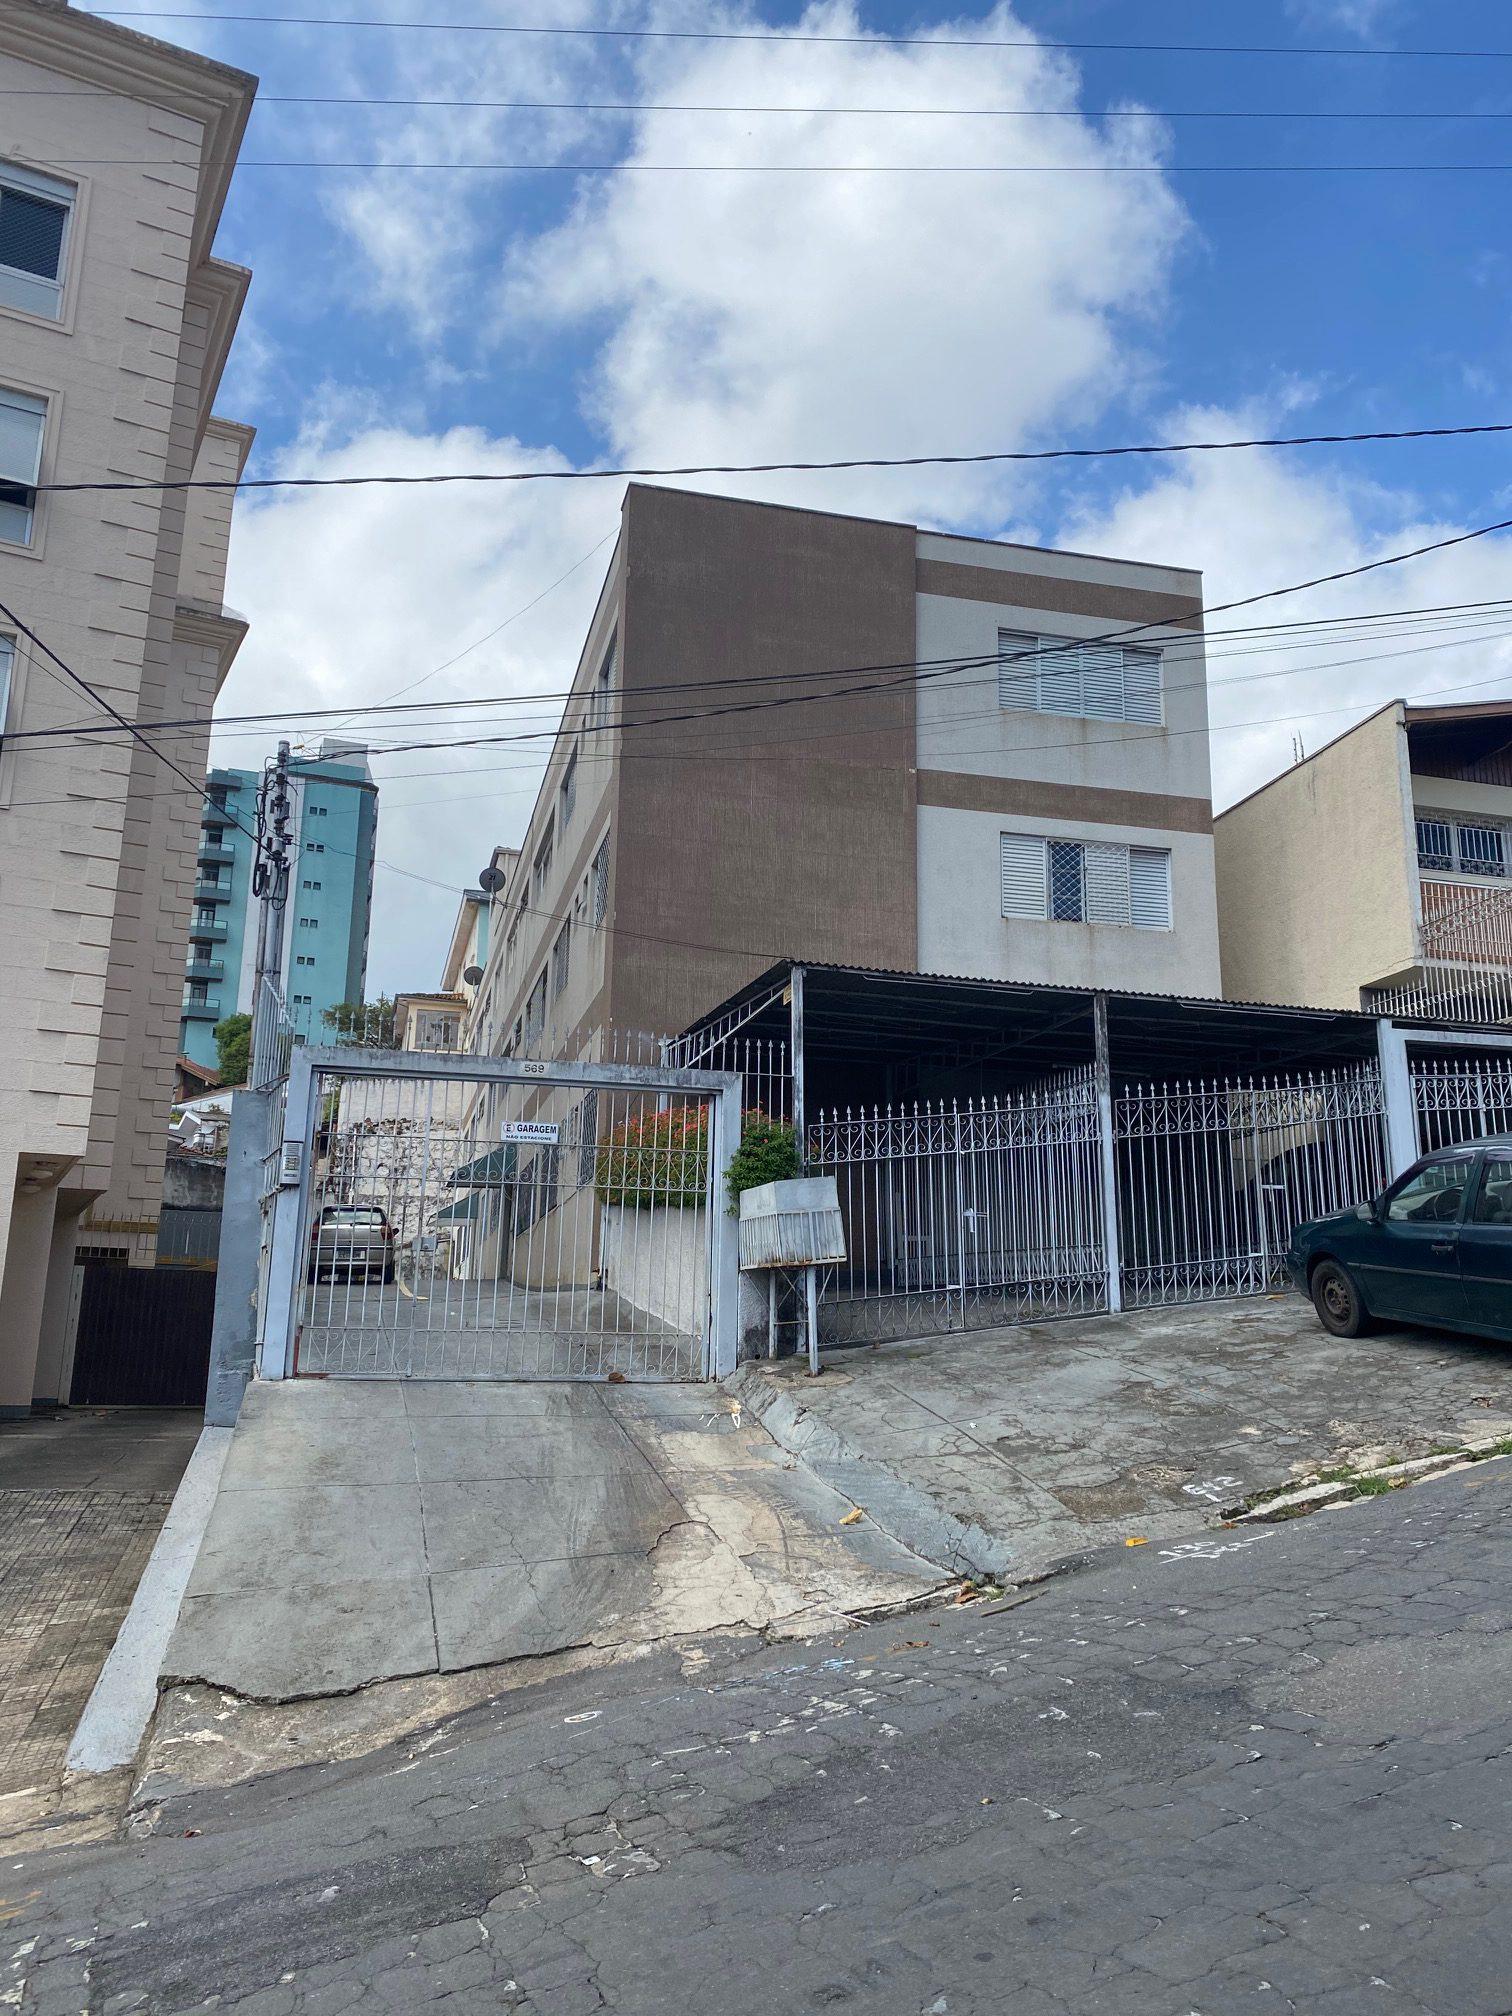 Cód 1672A - OPORTUNIDADE APTO NO CENTRO COM 100 M2 ÚTIL ( 03 quartos 01 suite) TODO REFORMADO...